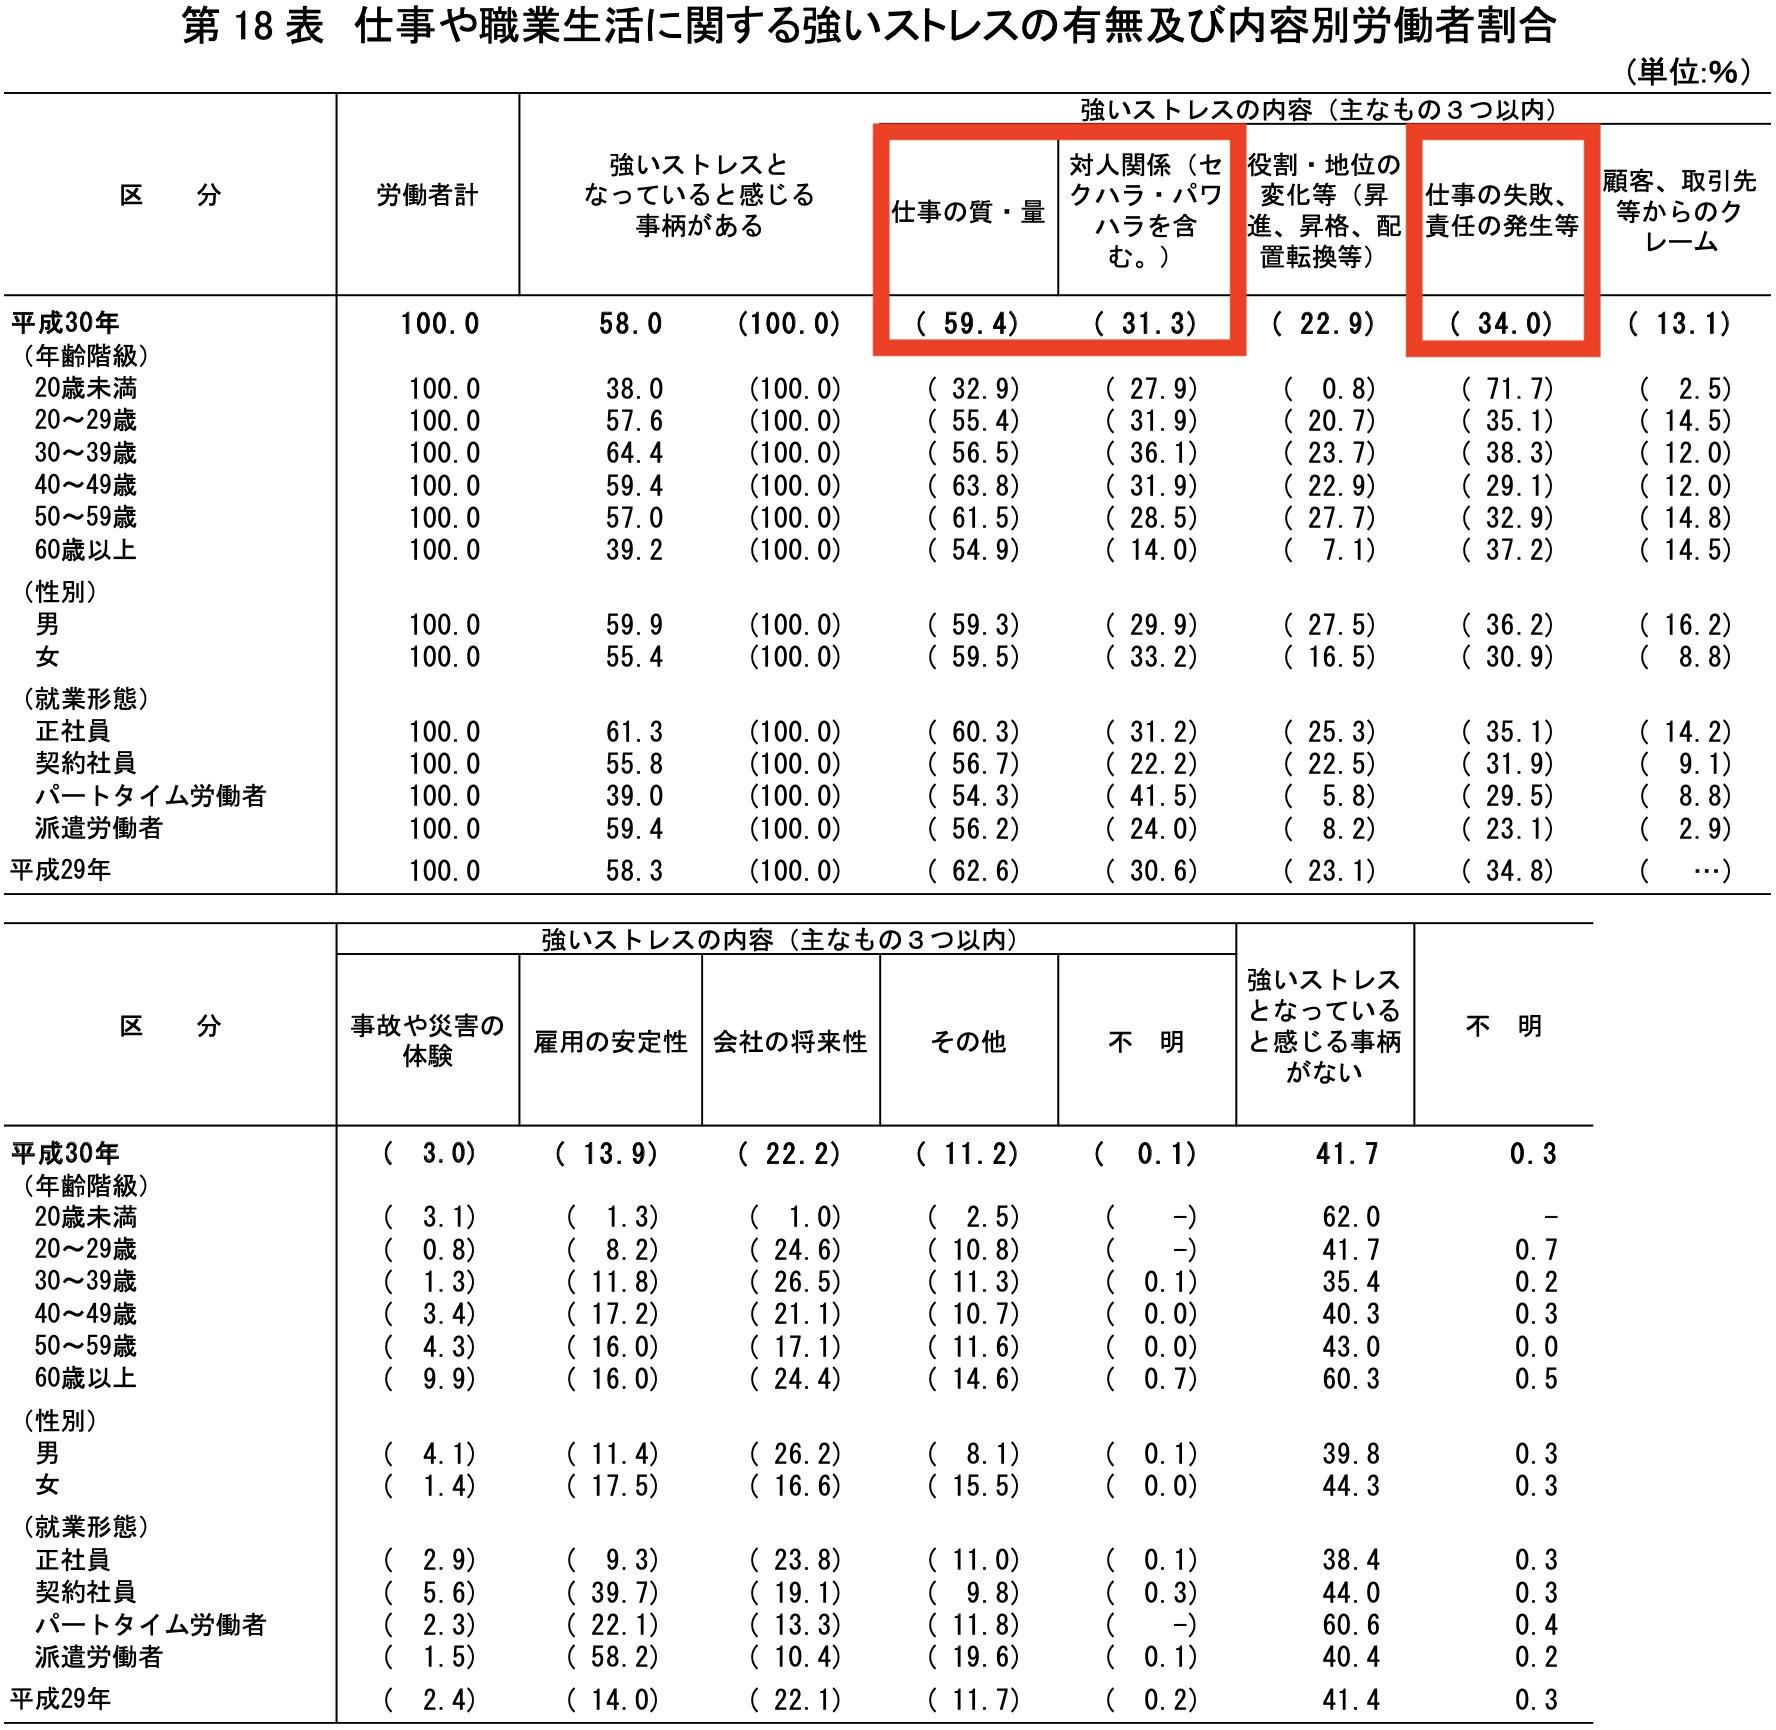 厚生労働省 平成30年「労働安全衛生調査(実態調査)」の概況